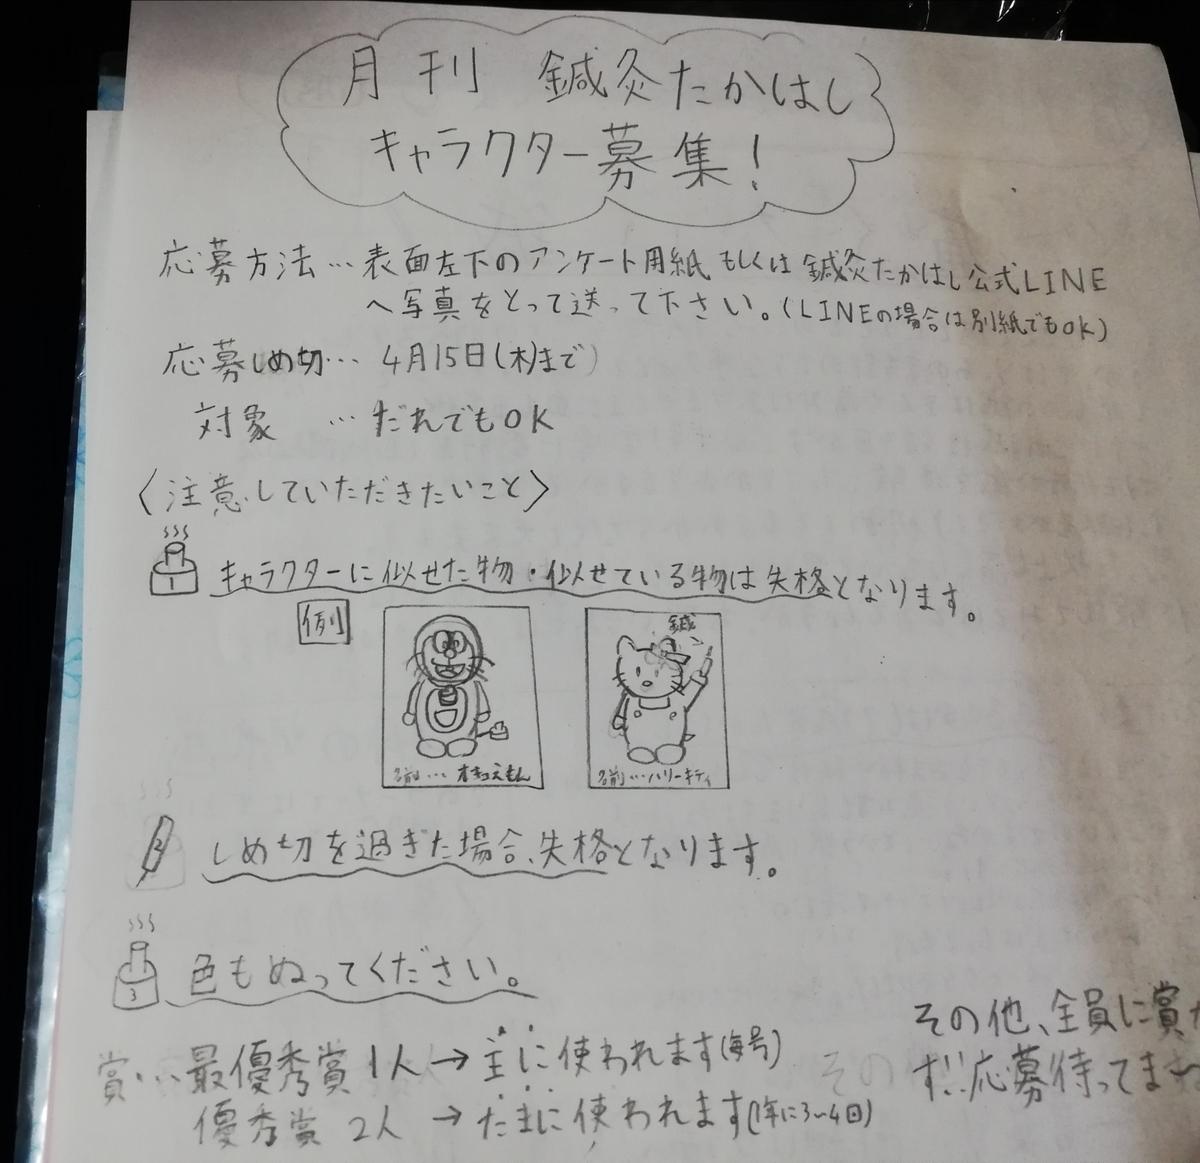 f:id:harikyu-takahashi:20210319212539j:plain